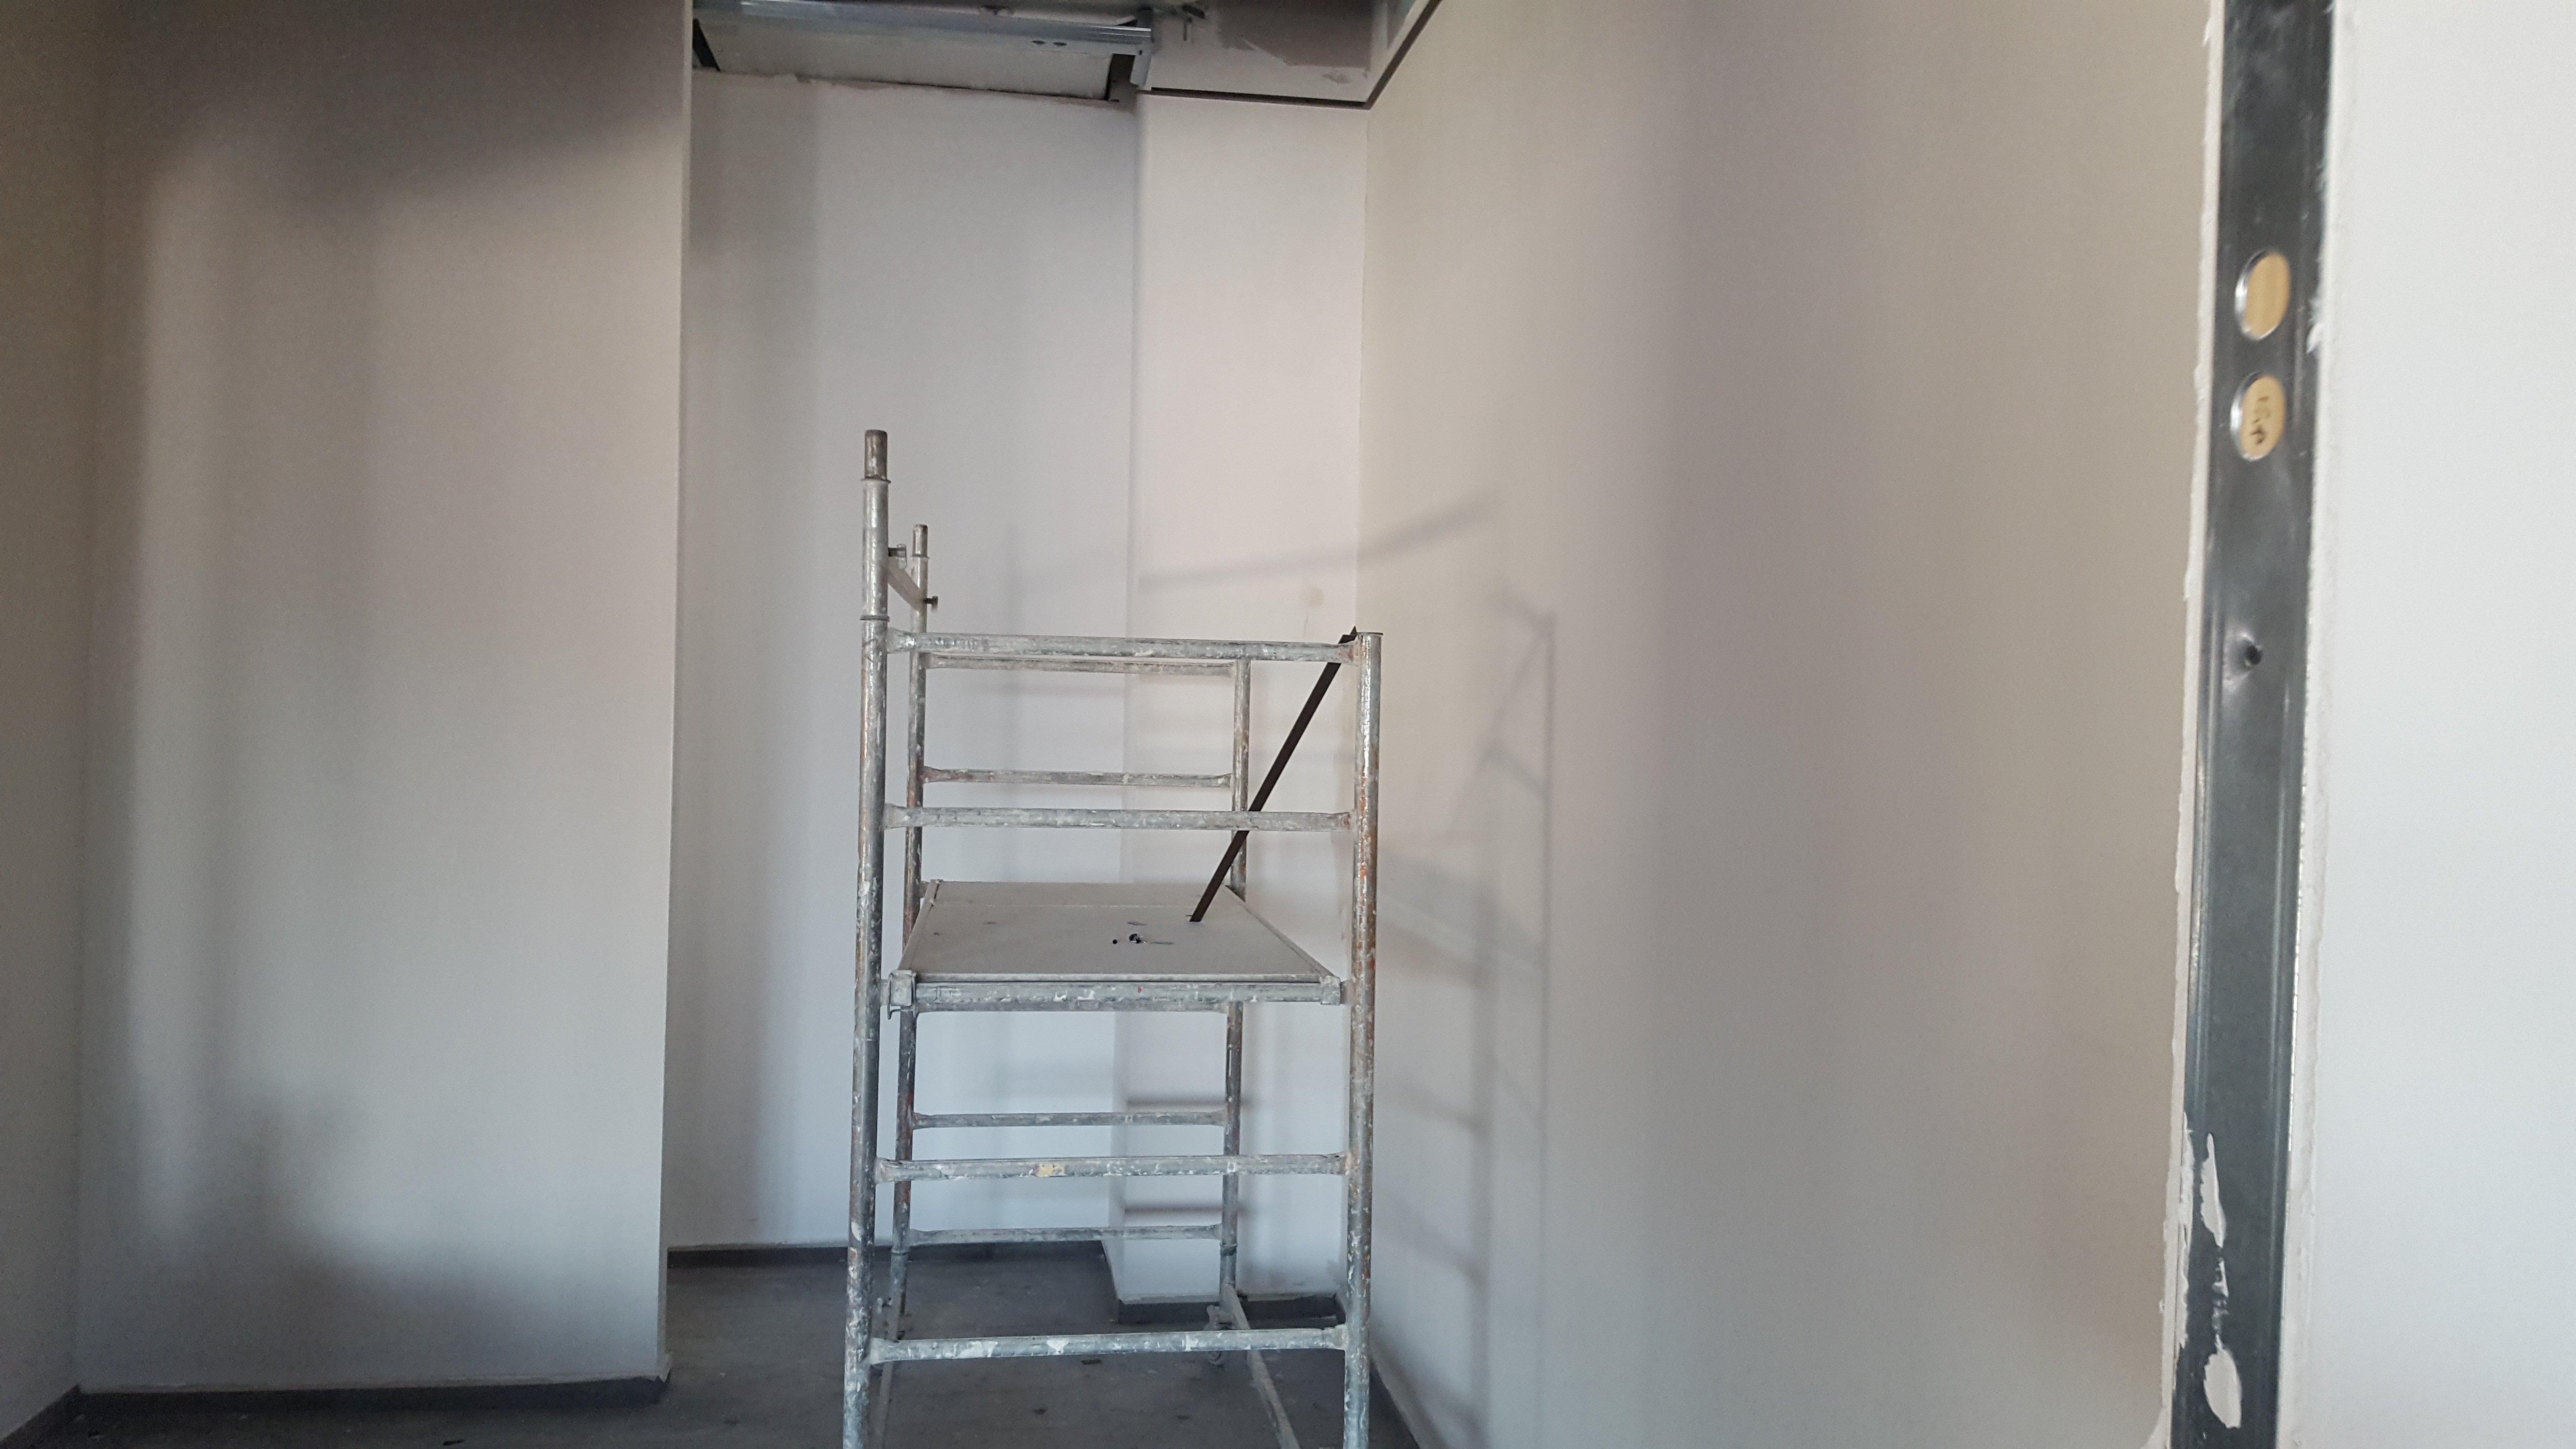 scala  in una stanza